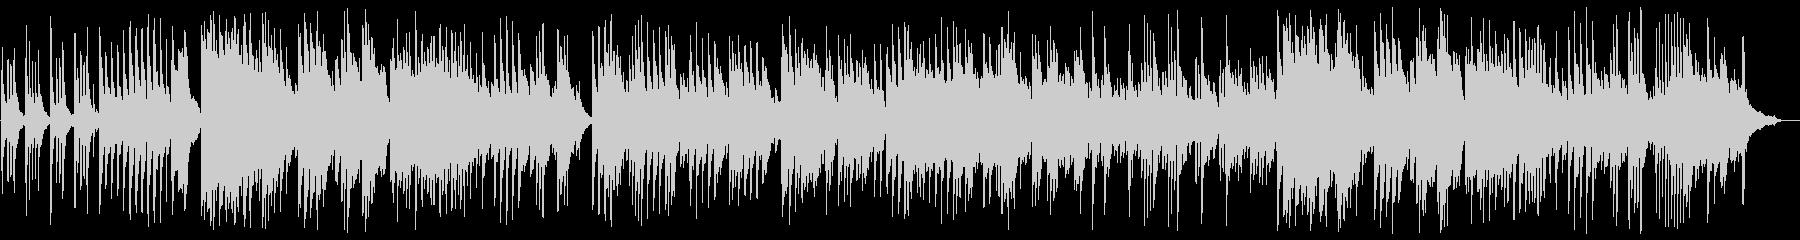 切ないピアノのリラクゼーション音楽の未再生の波形